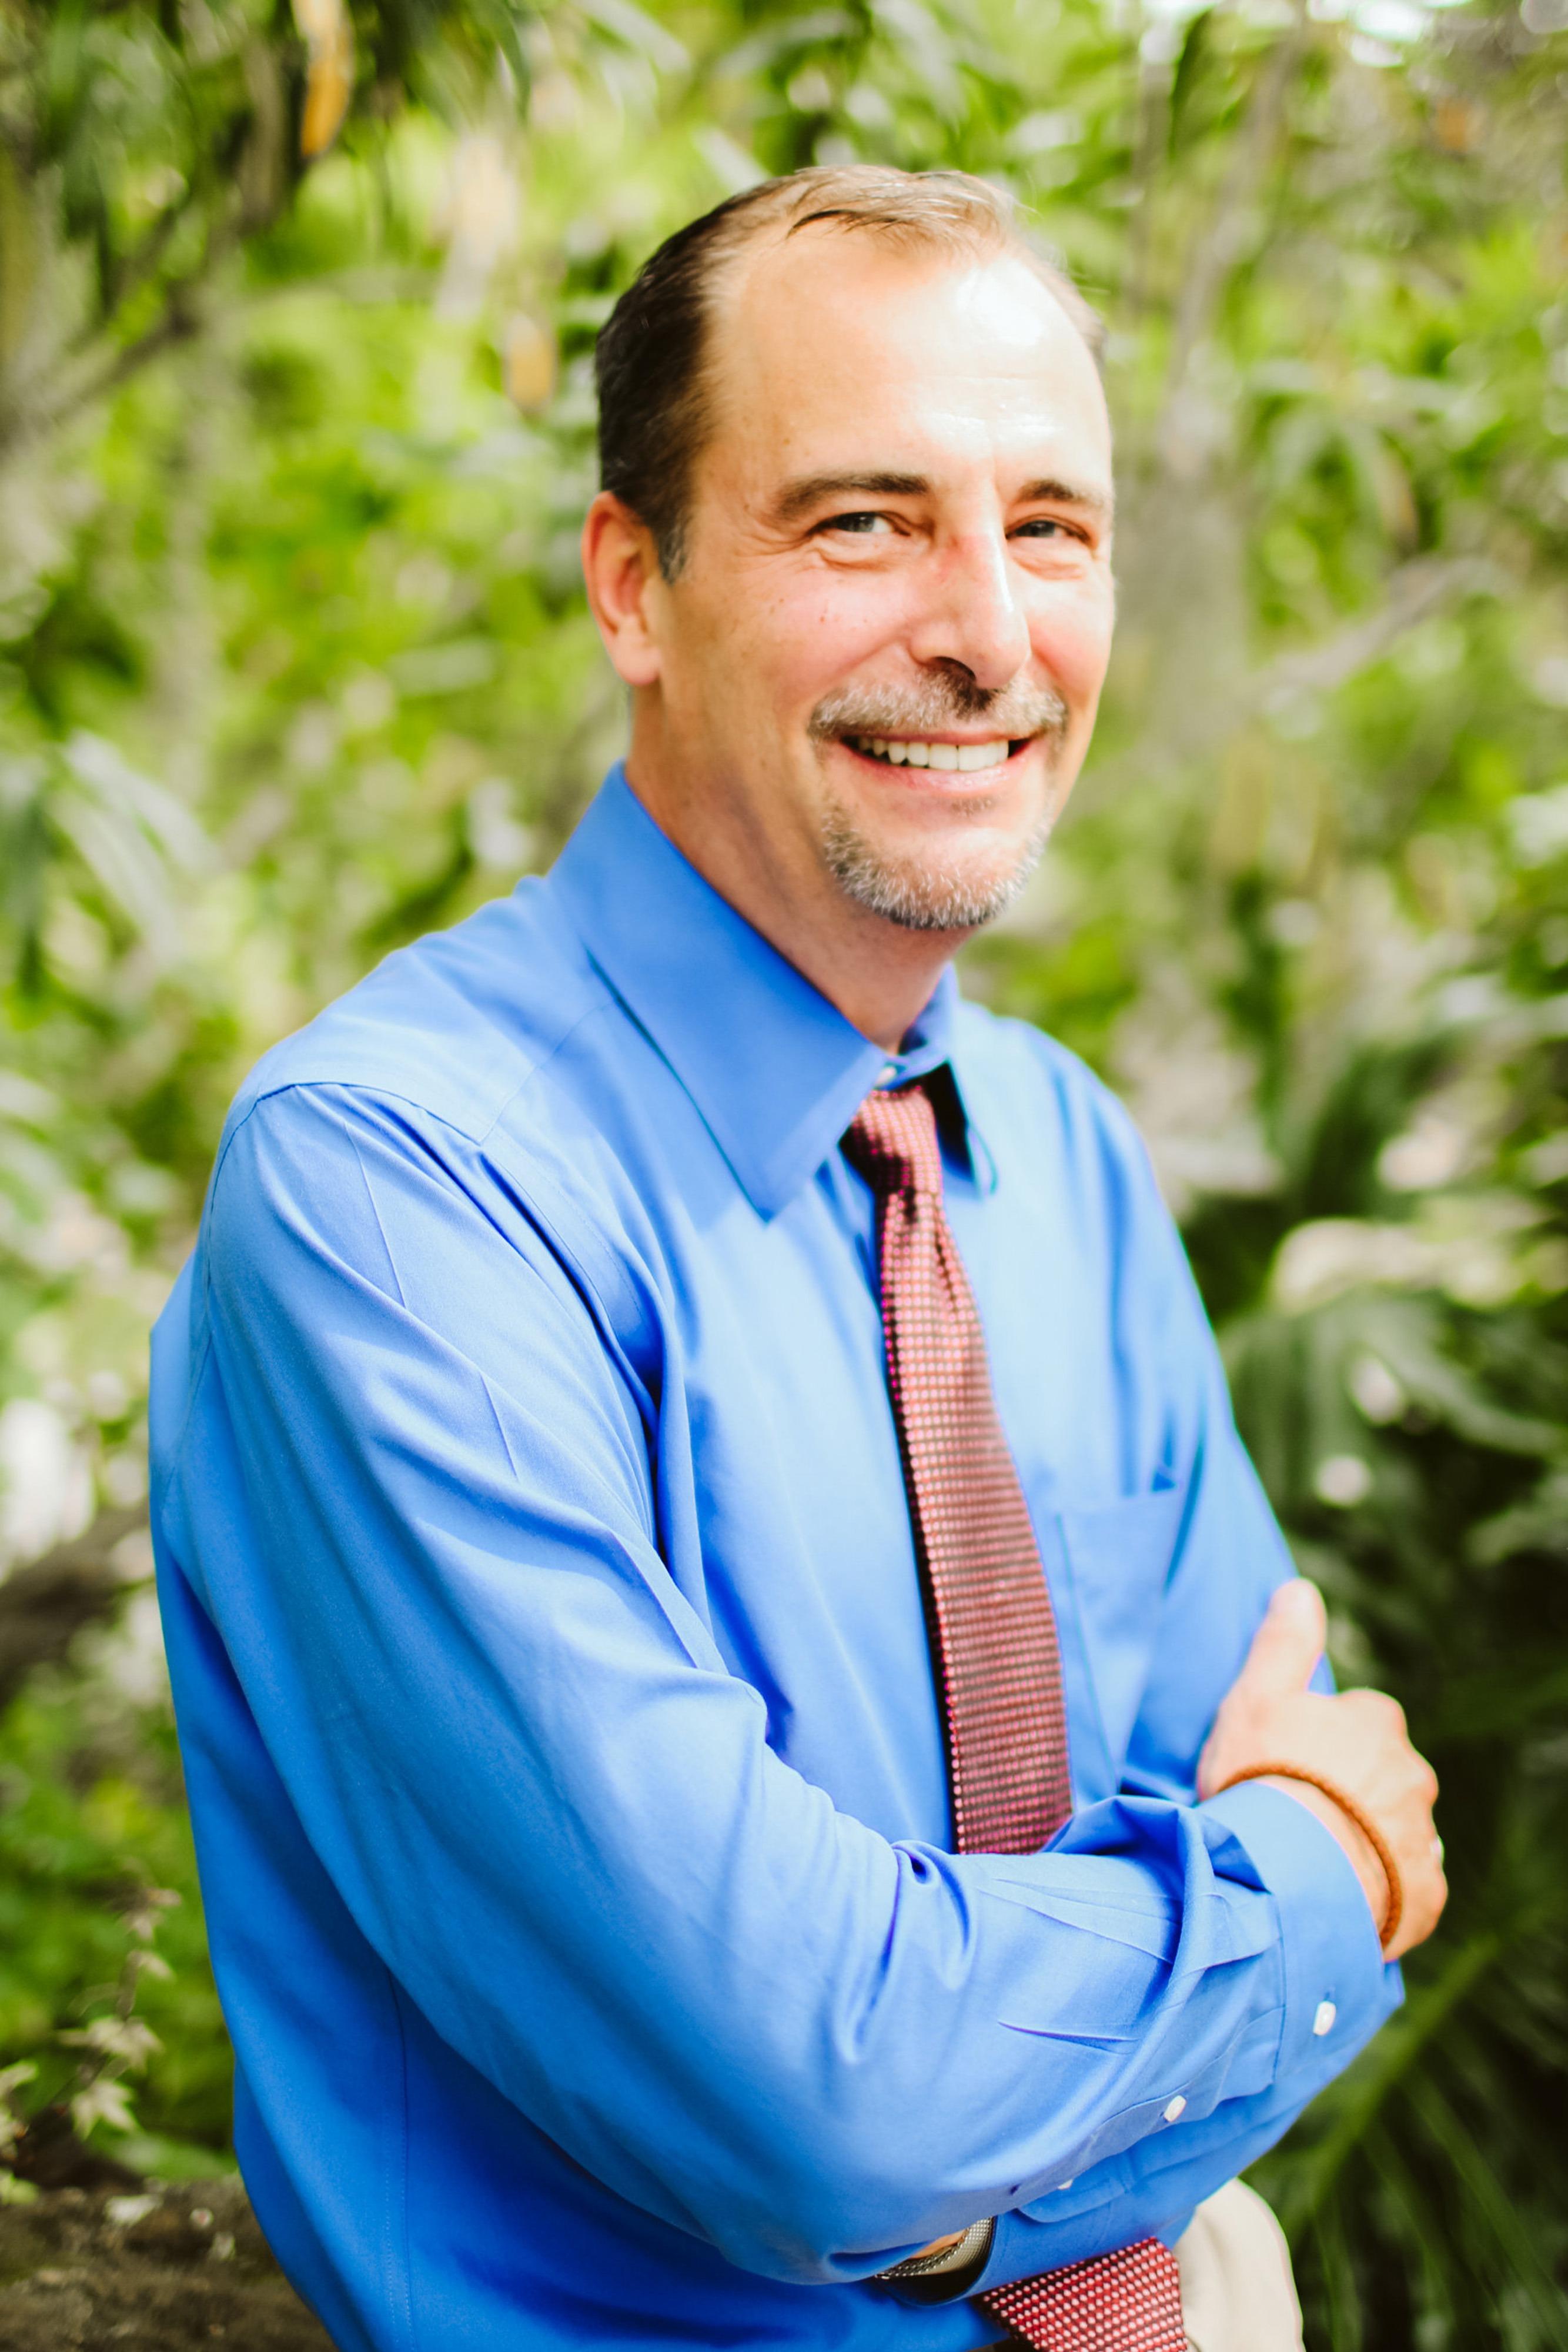 David Osmola